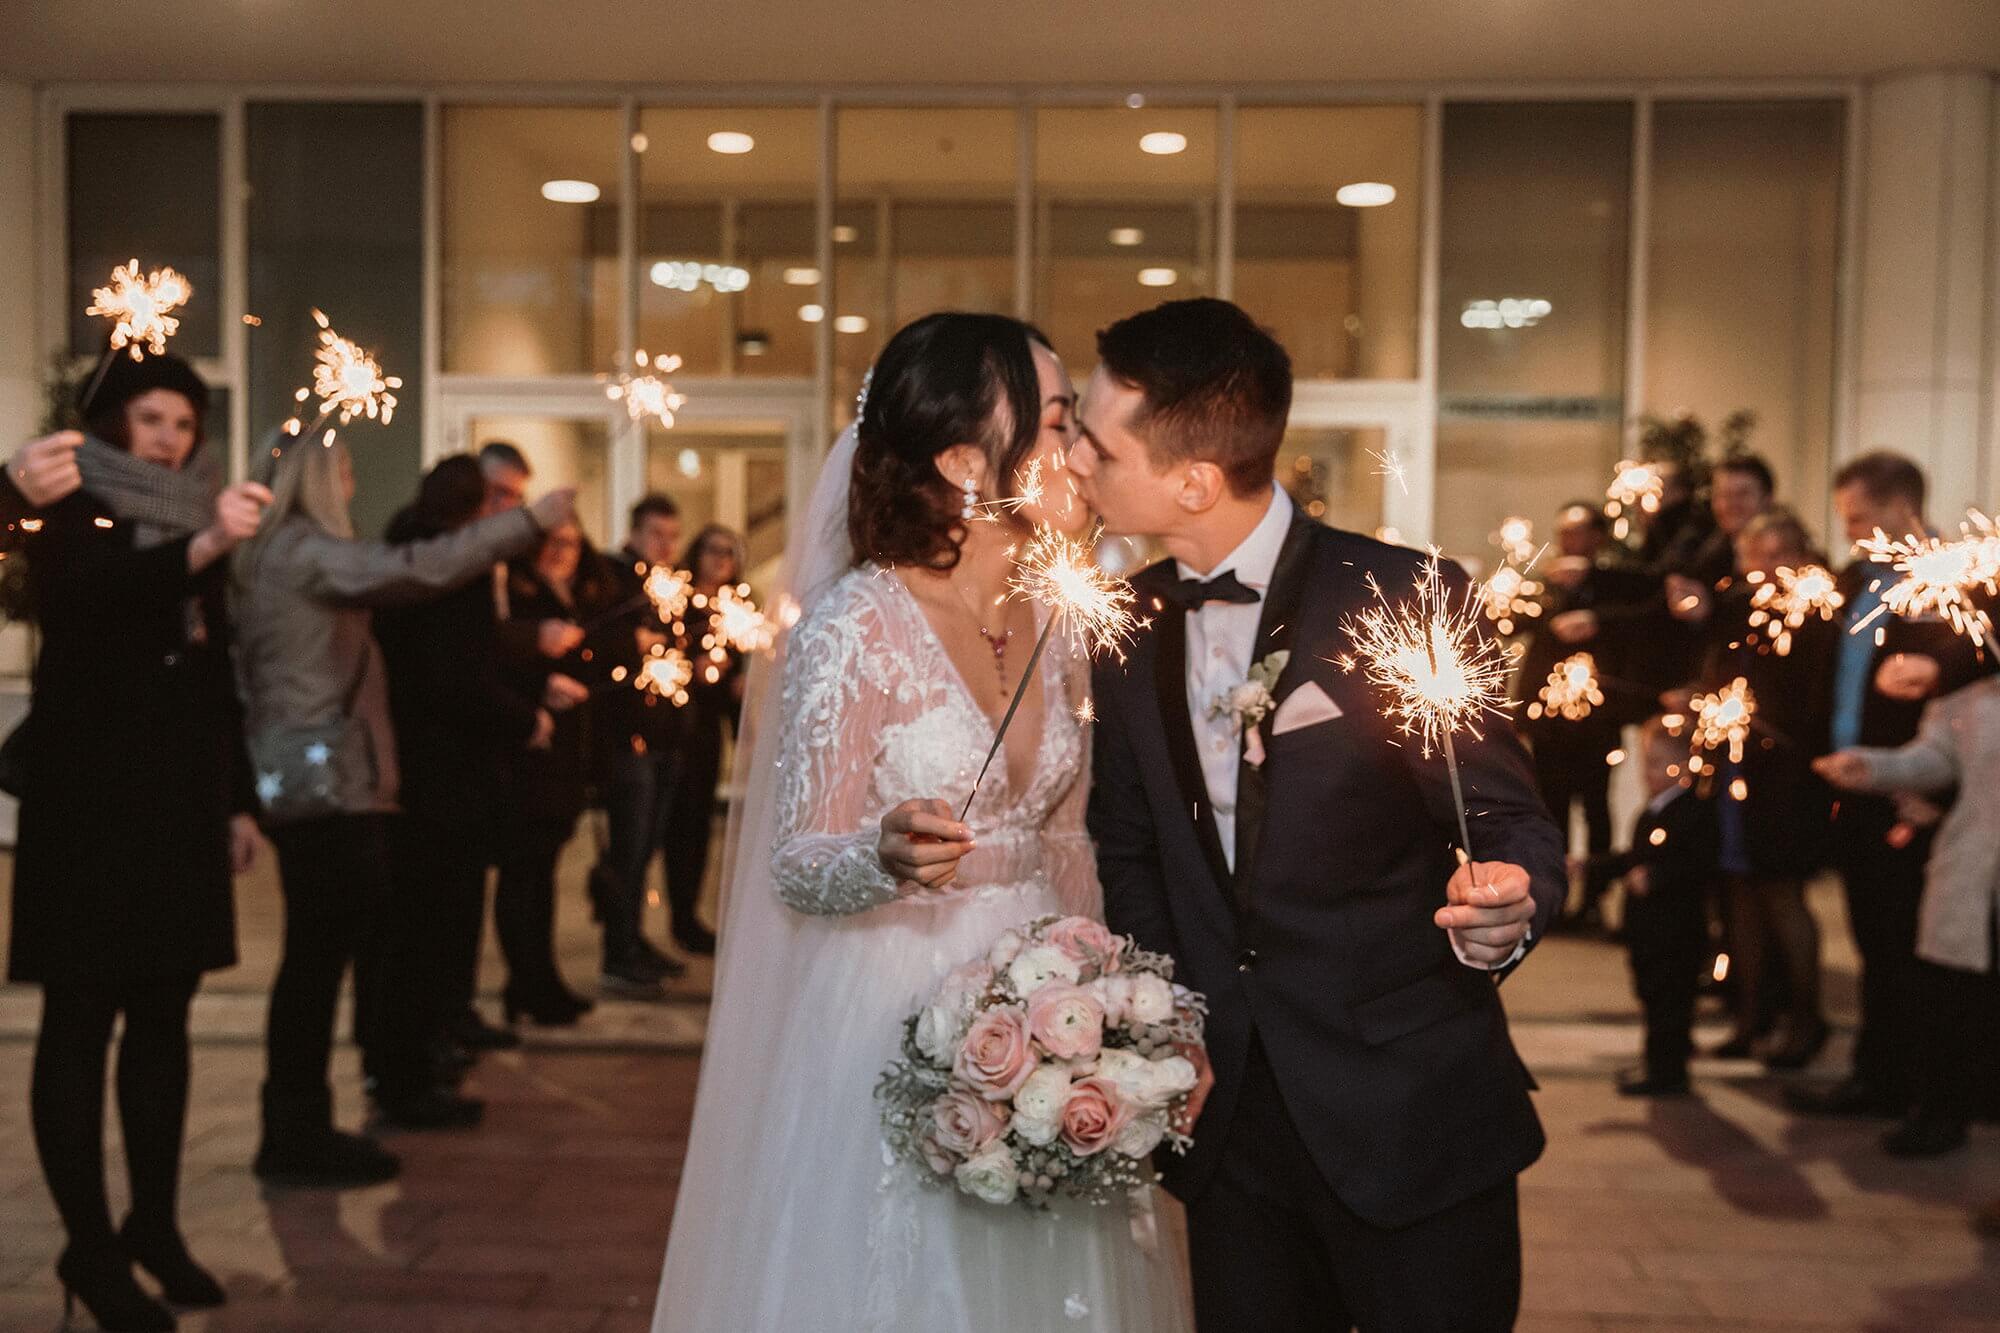 Hochzeitsfoto von DUC THIEN PHOTOGRAPHY